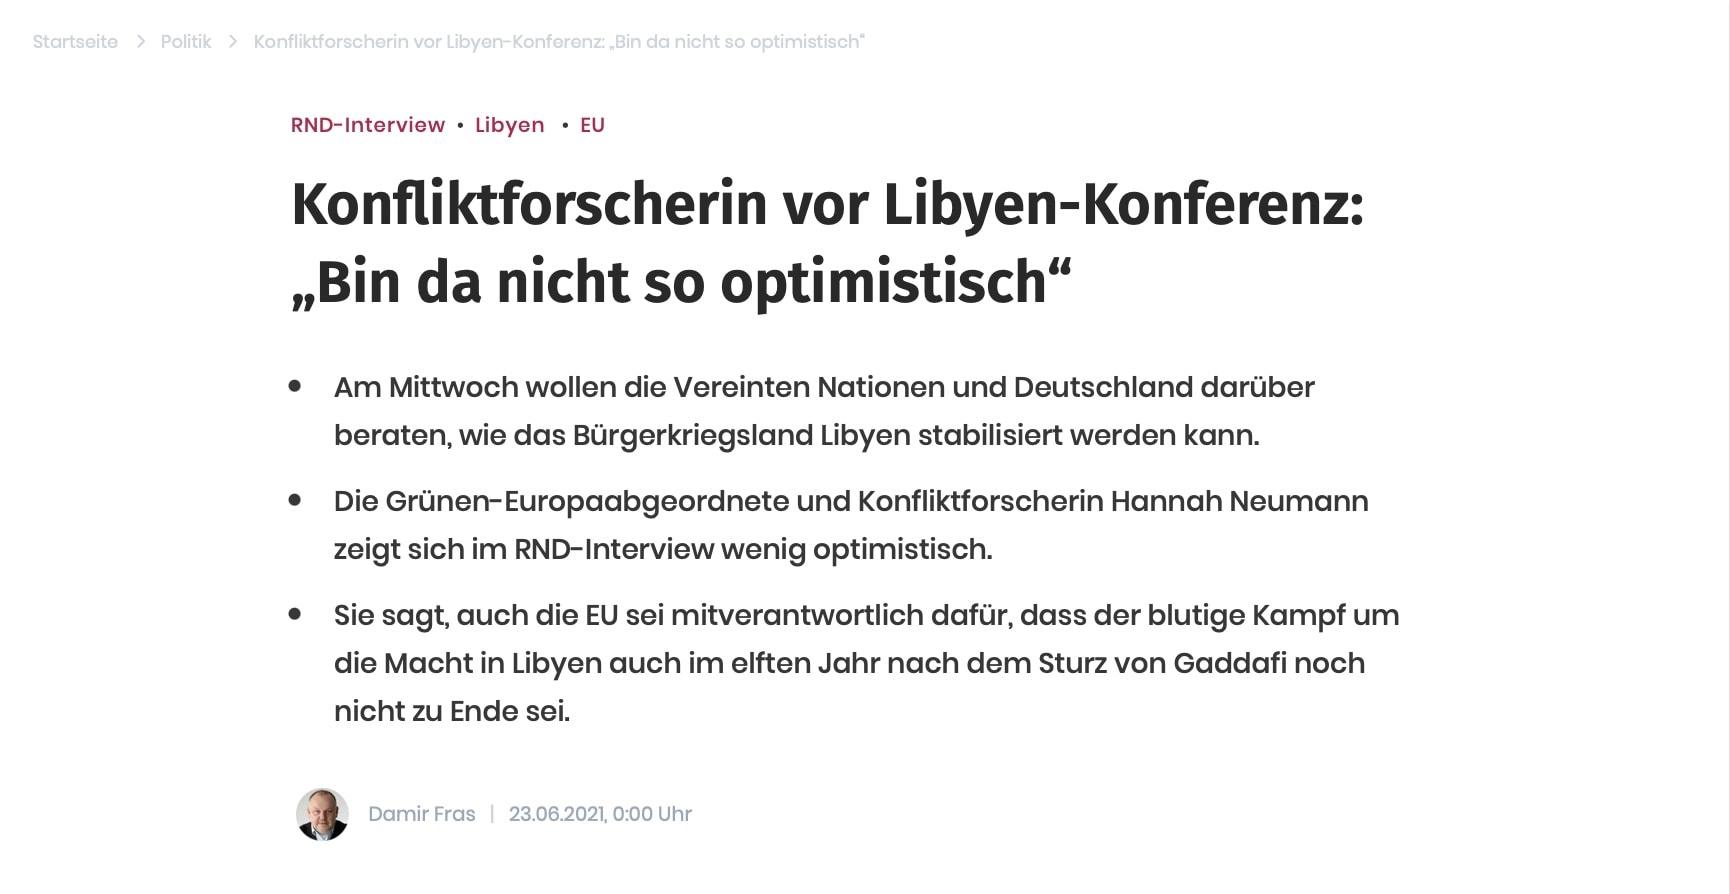 2. Libyen-Konferenz in Berlin zur Stabilisierung des Landes: Ich bin wenig optimistisch – die Gründe dafür im Interview mit dem RND